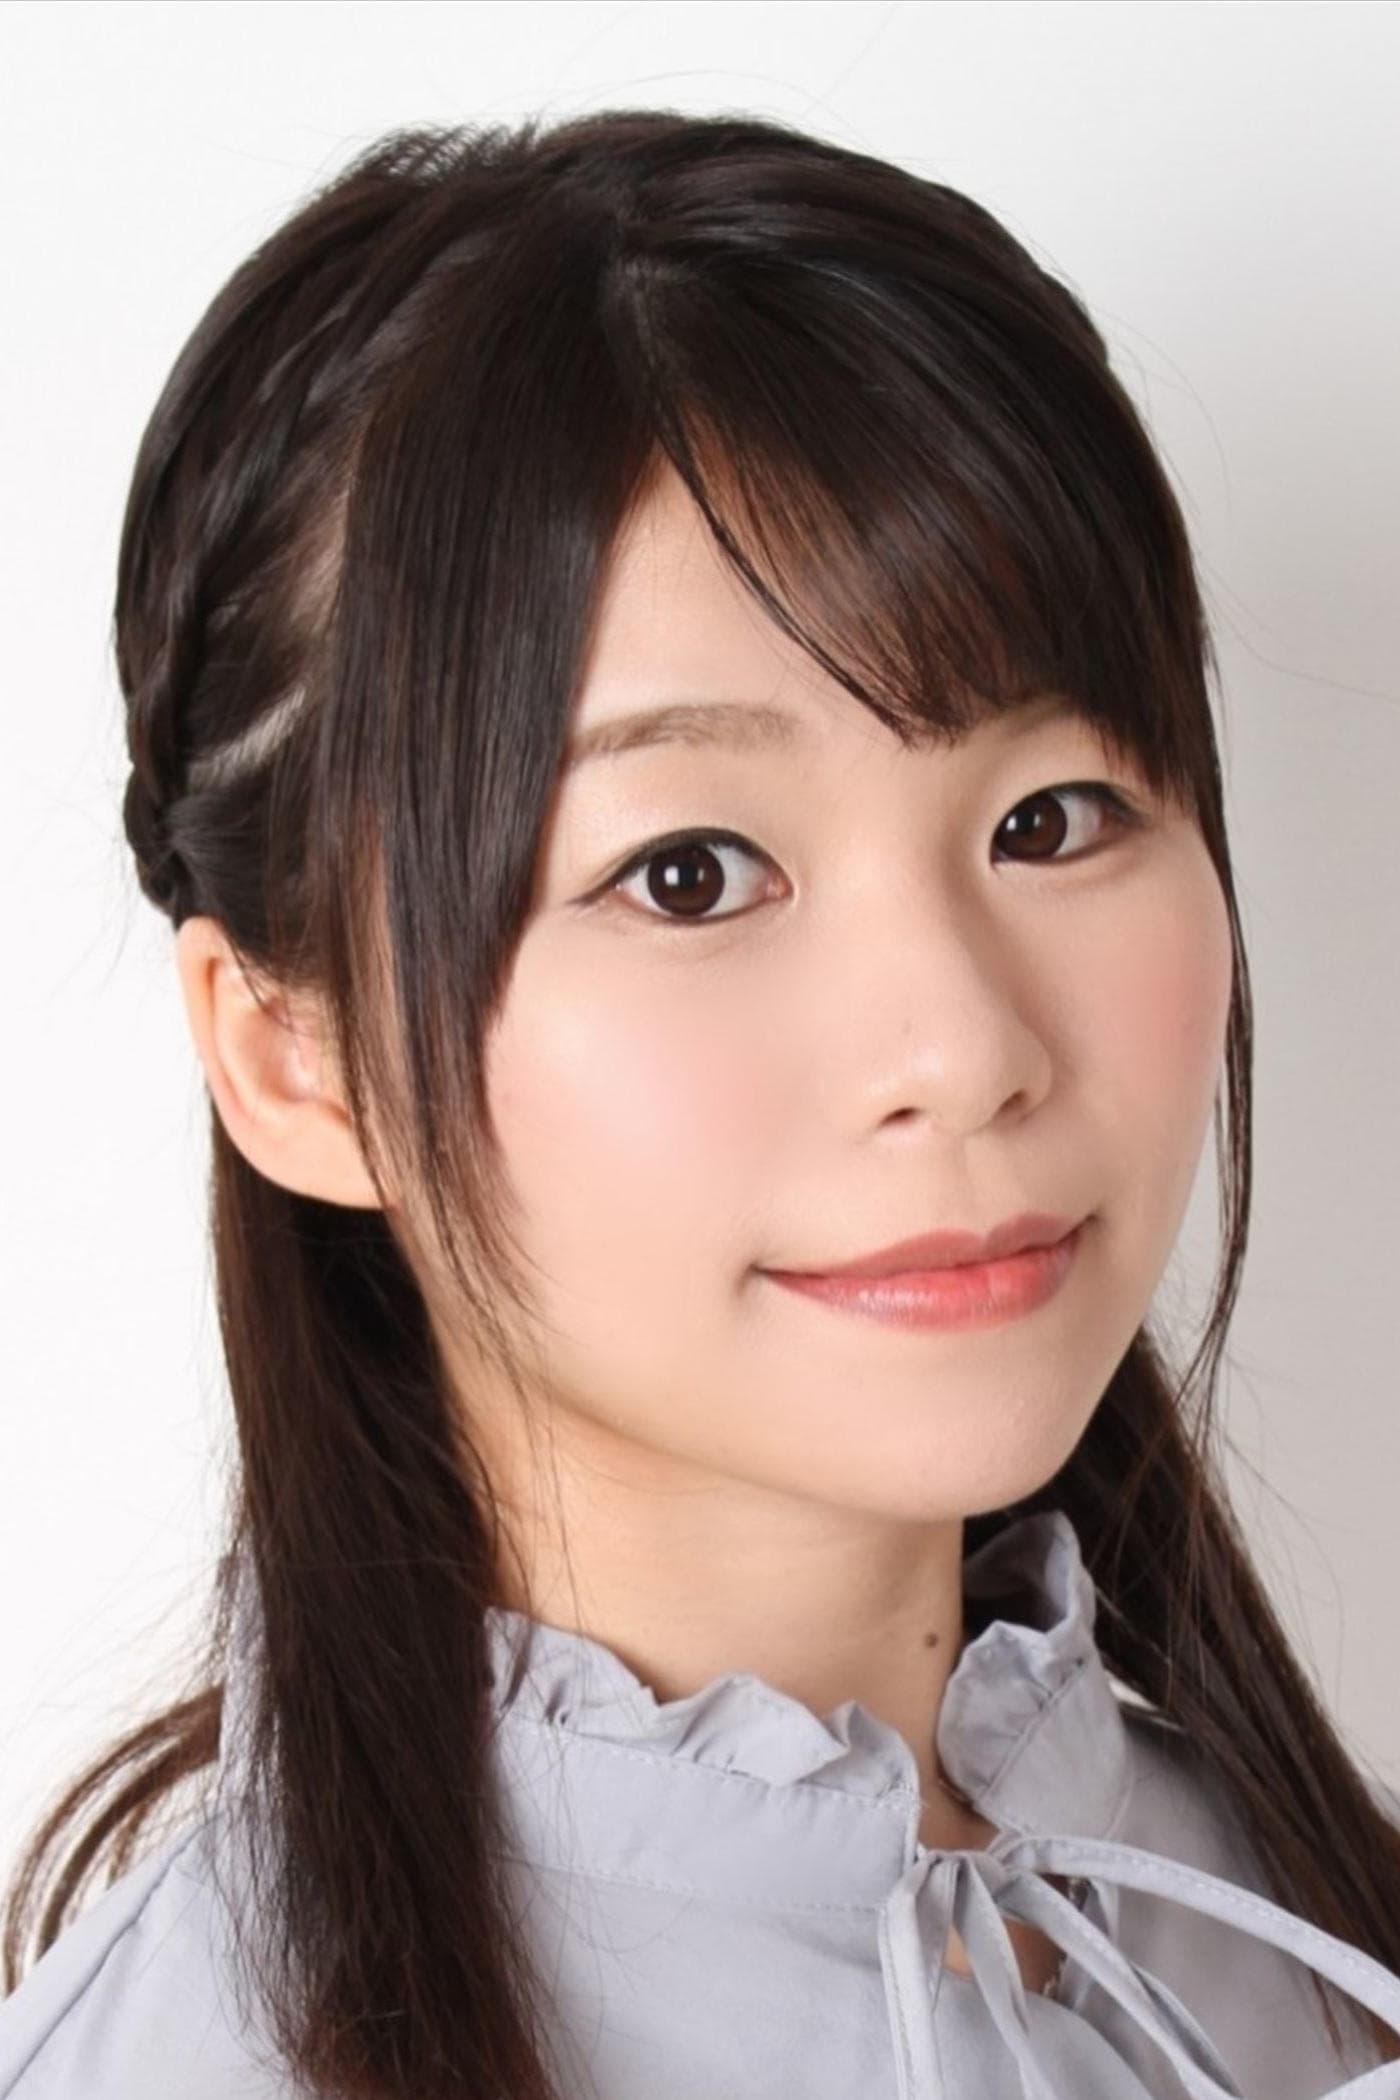 Mio Ninomiya